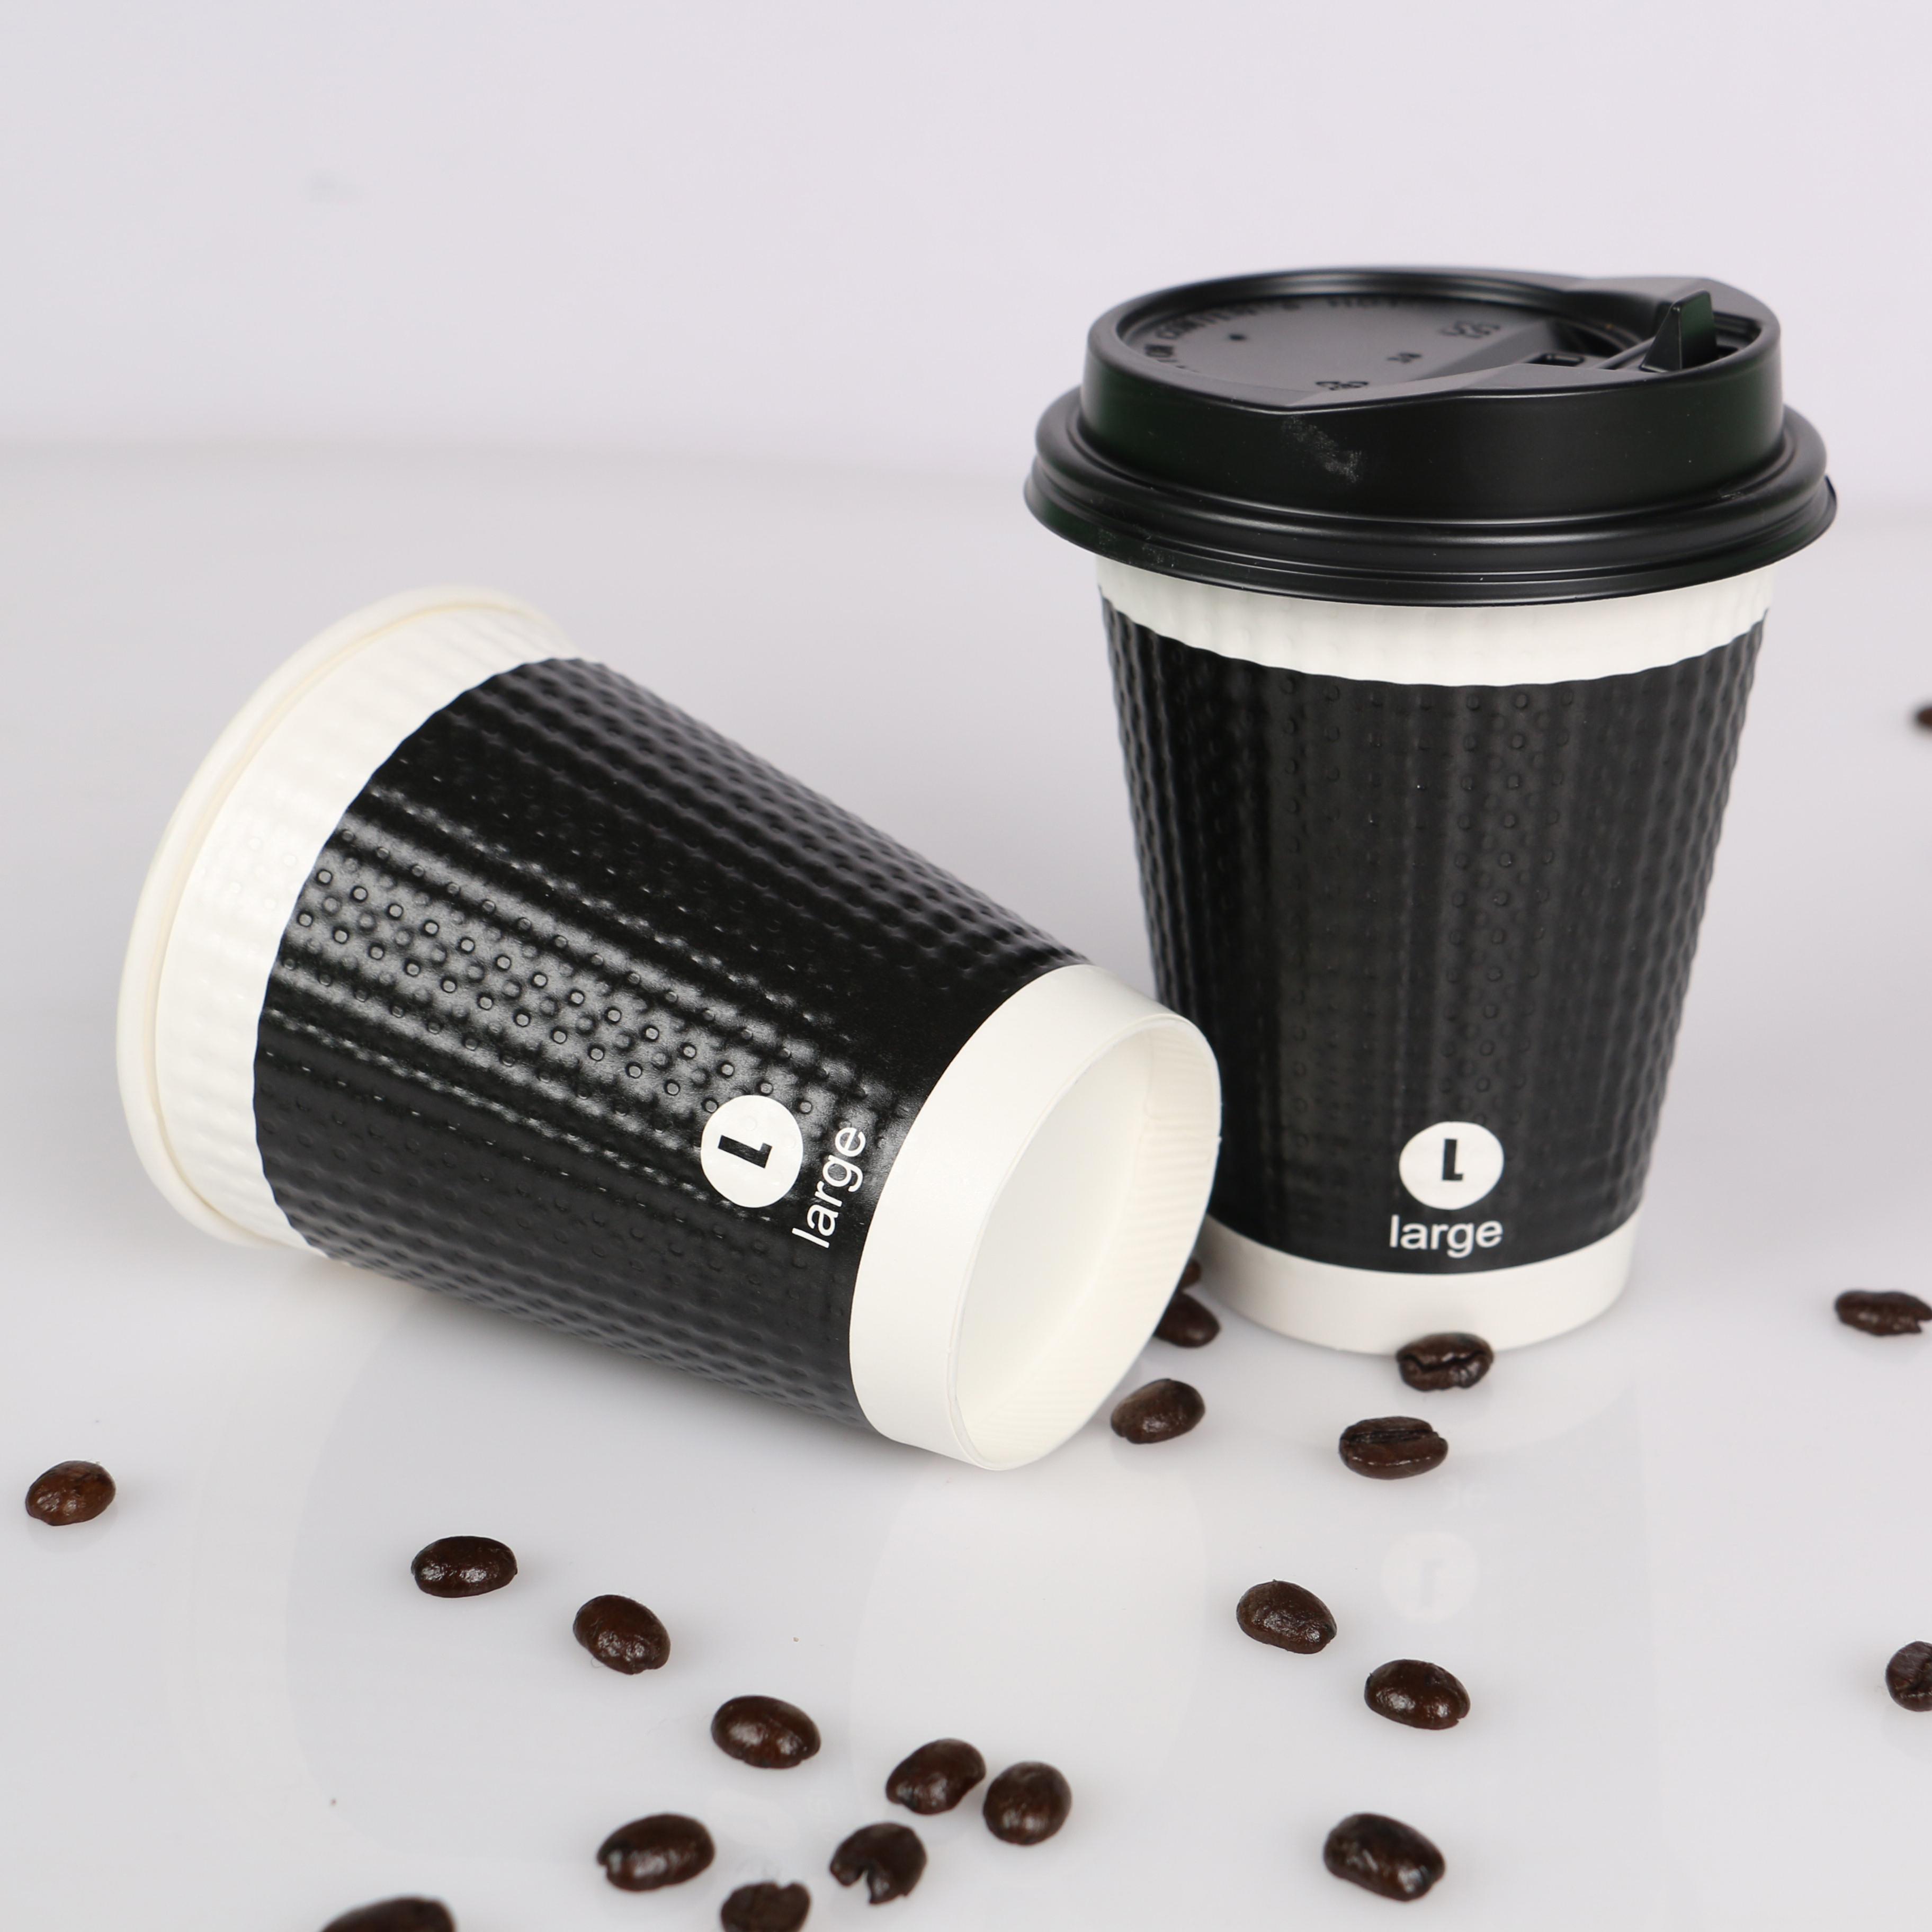 庞度纸杯一次性纸杯12oz凹凸奶茶咖啡果汁杯双层加厚瓦楞杯100只